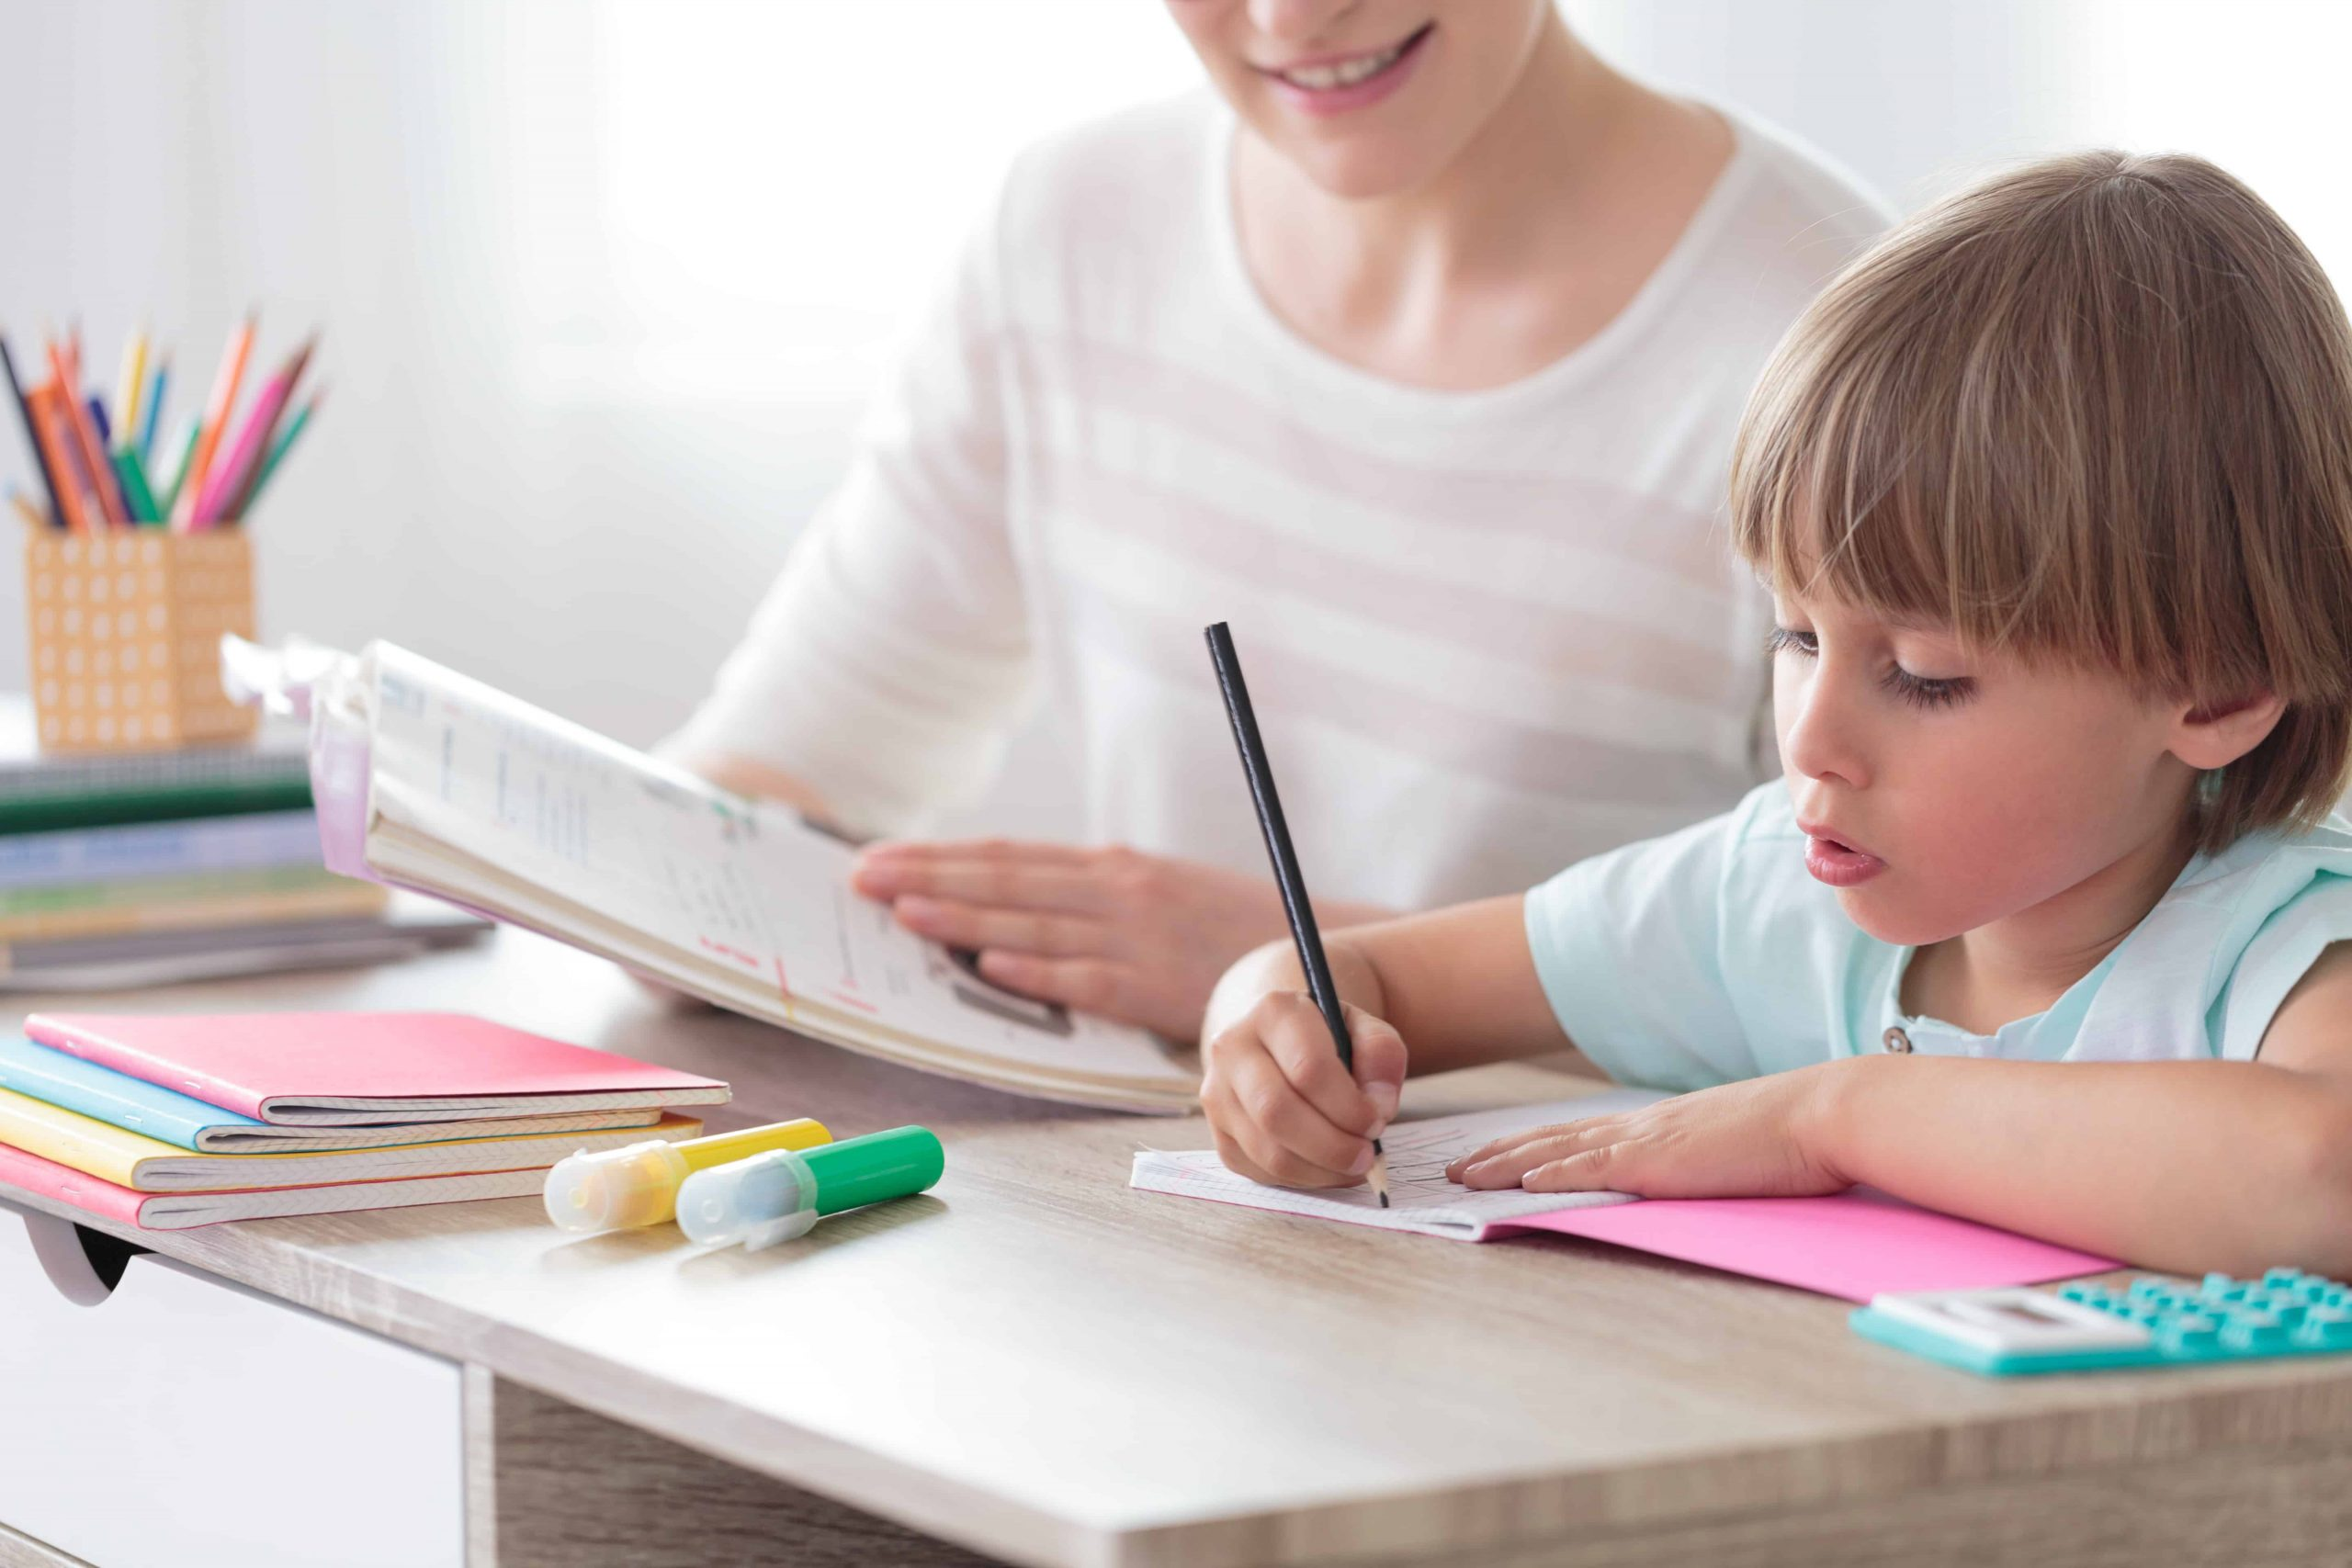 Kinderschreibtisch: Test & Empfehlungen (05/21)